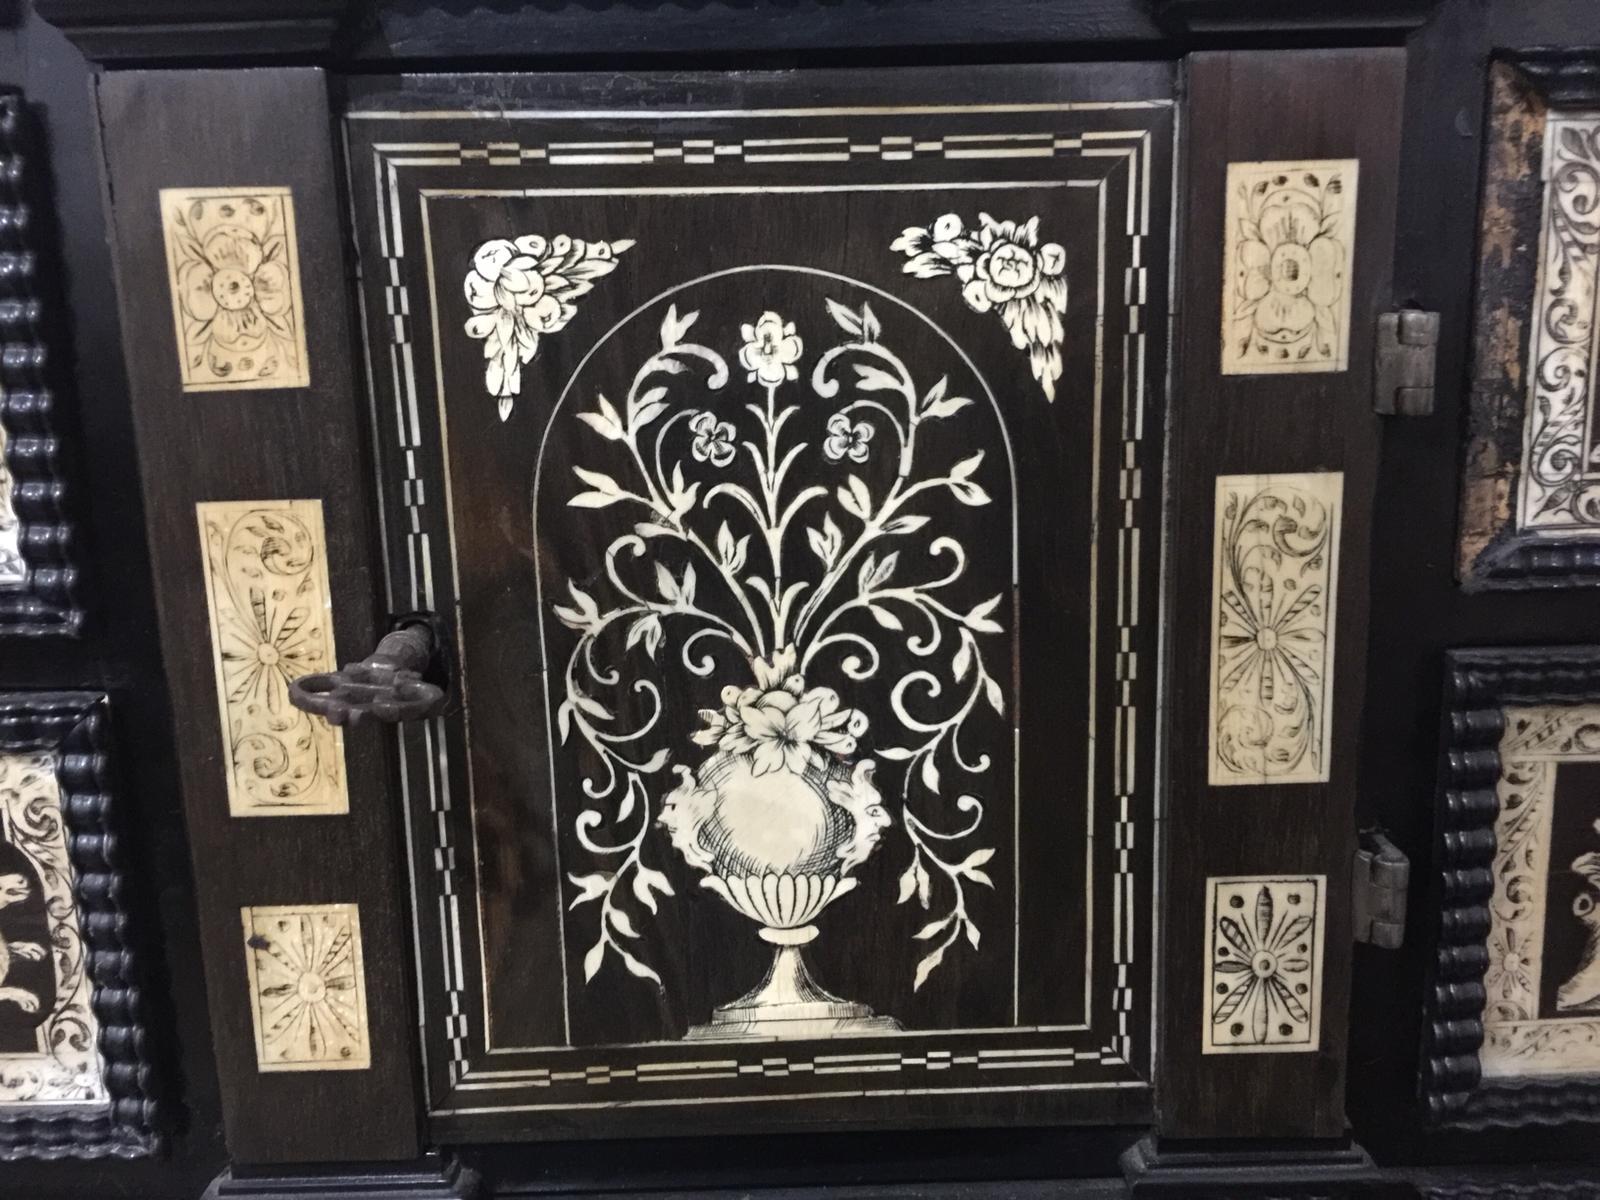 thumb3|Monetiere in ebano violetto e palissandro con intarsi in avorio